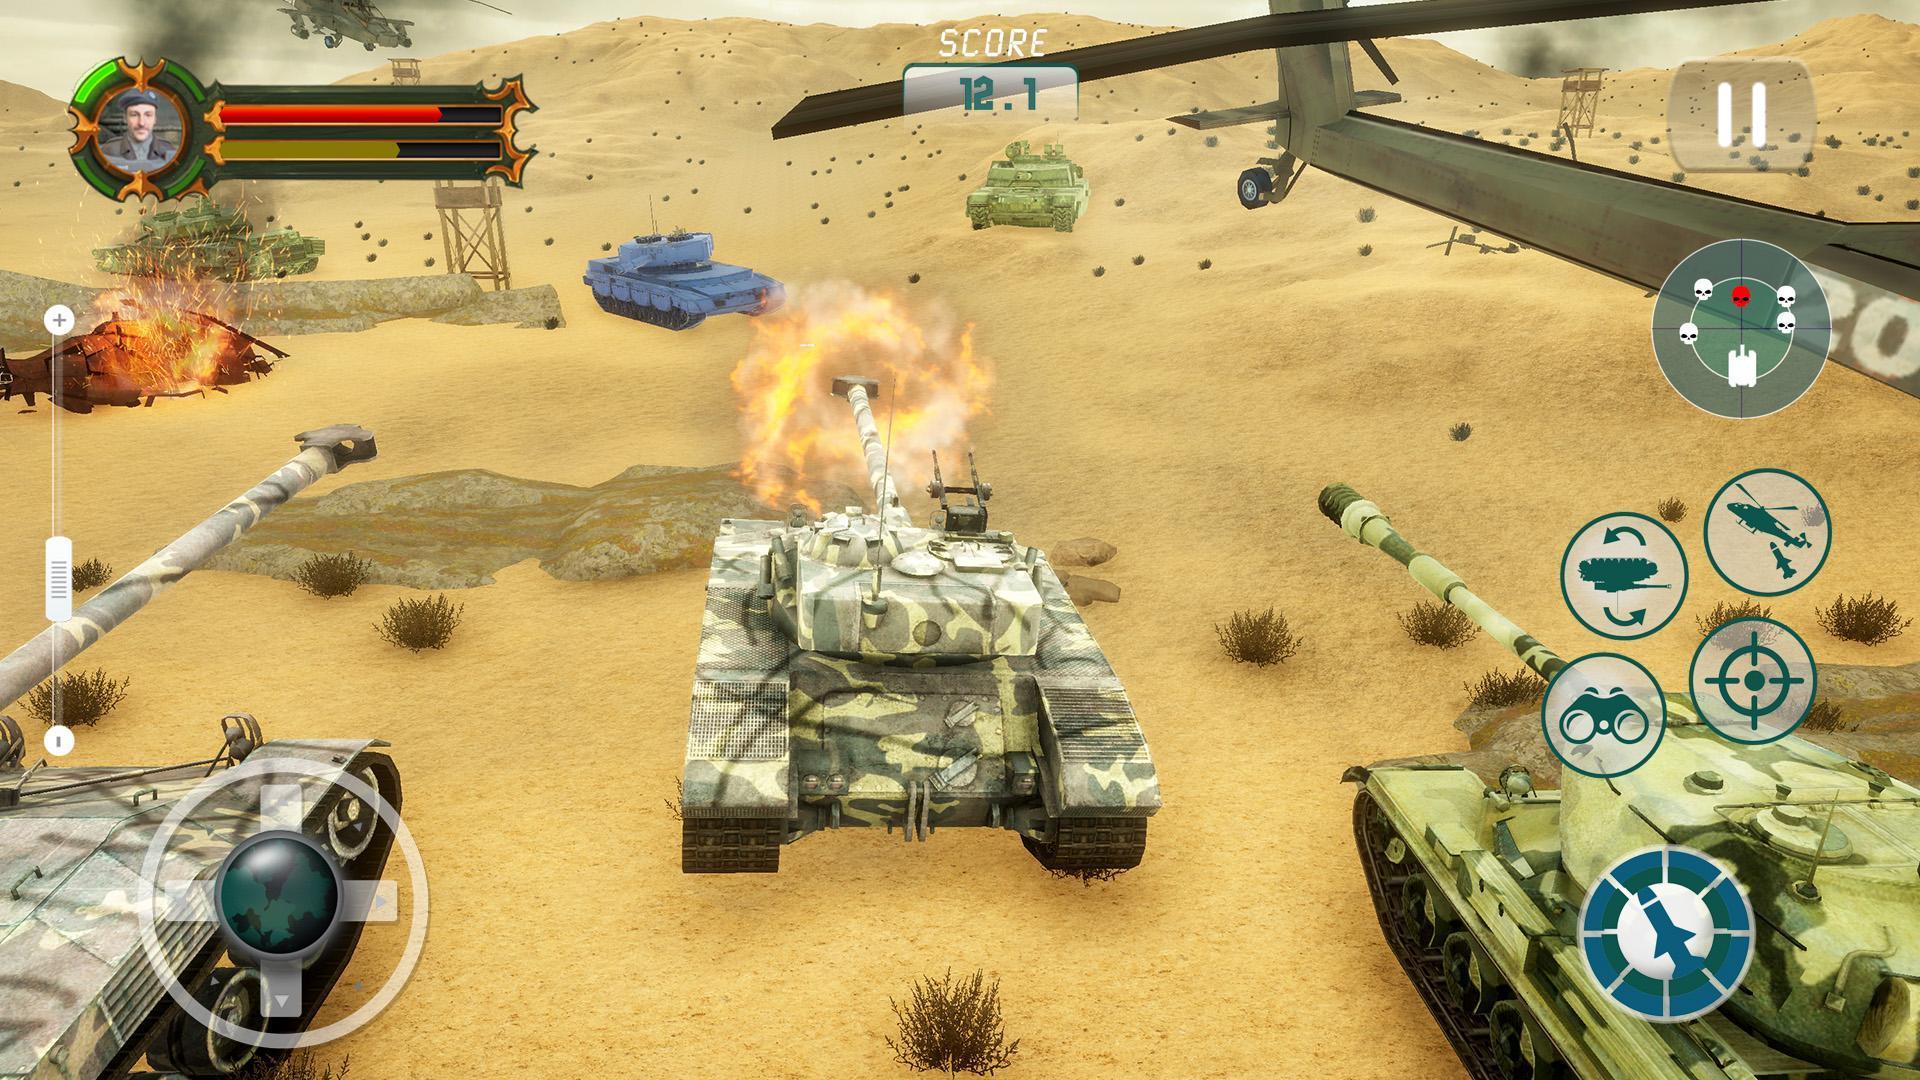 Battle Tank games 2020: Offline War Machines Games 1.6.1 Screenshot 4